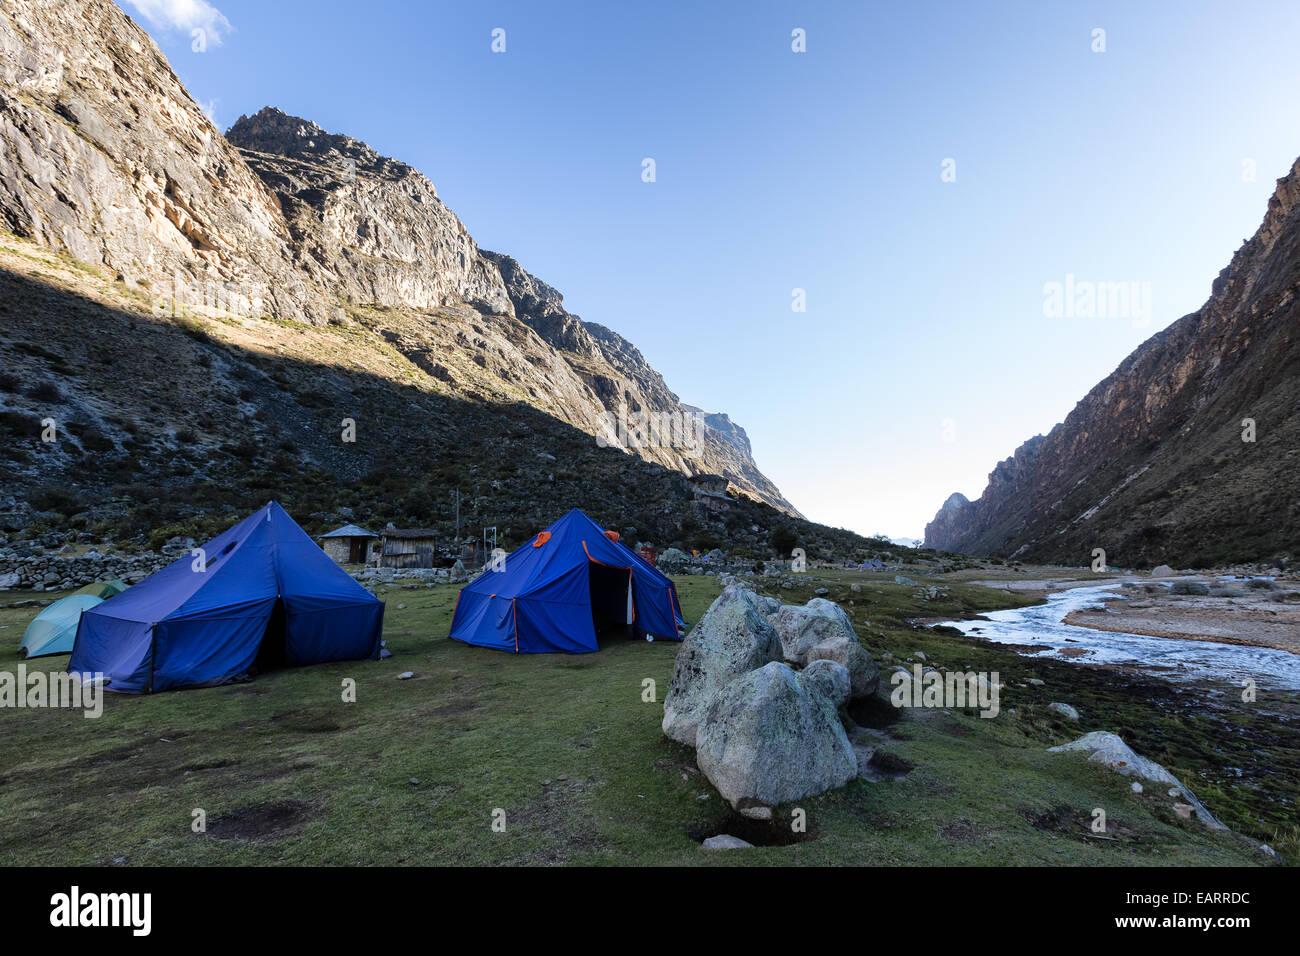 At Llamacorral camping place, Santa Cruz valley, Cordillera Blanca, Andes, Peru, South America - Stock Image